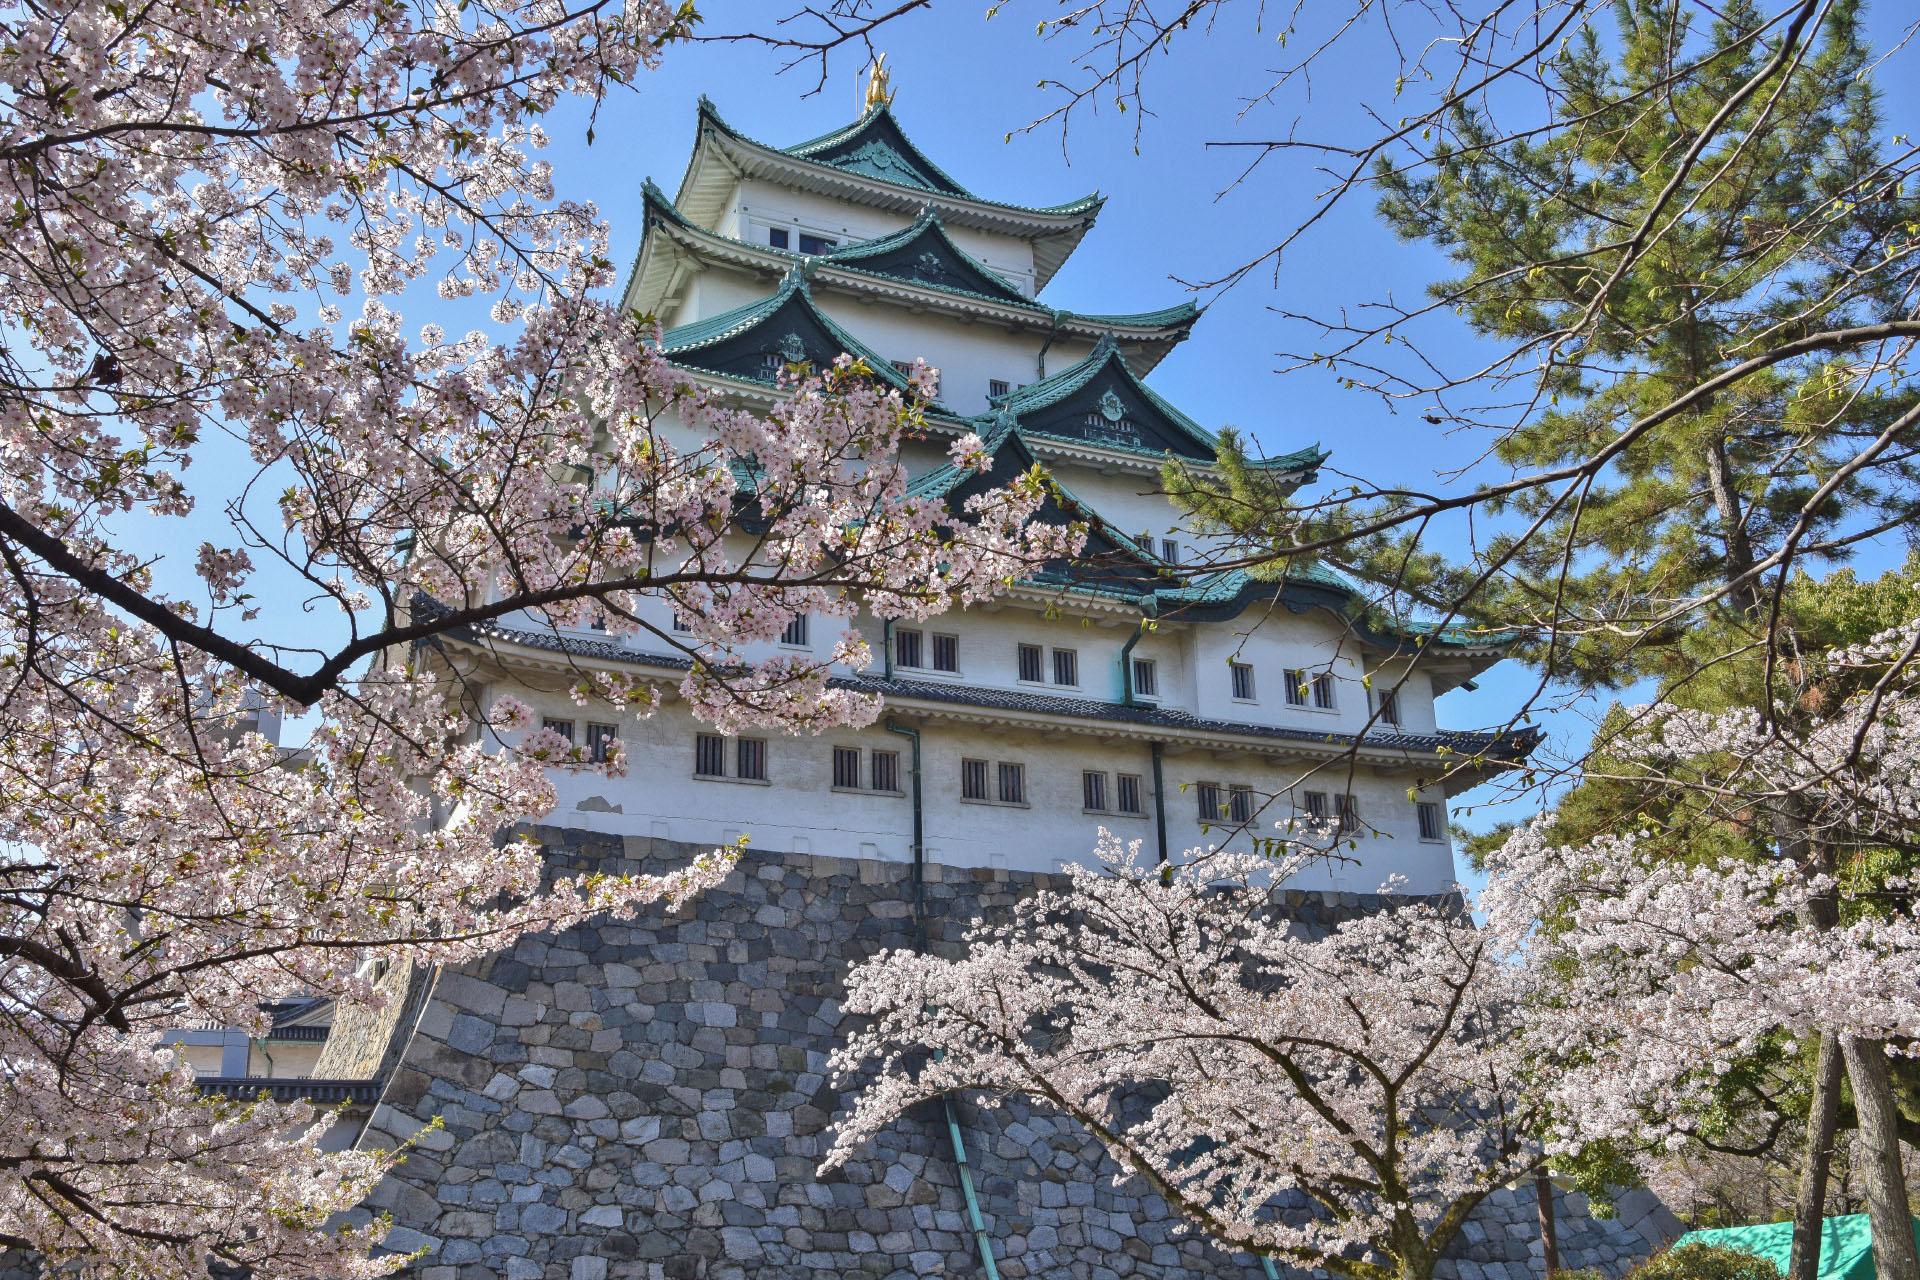 名古屋城と桜 愛知の風景